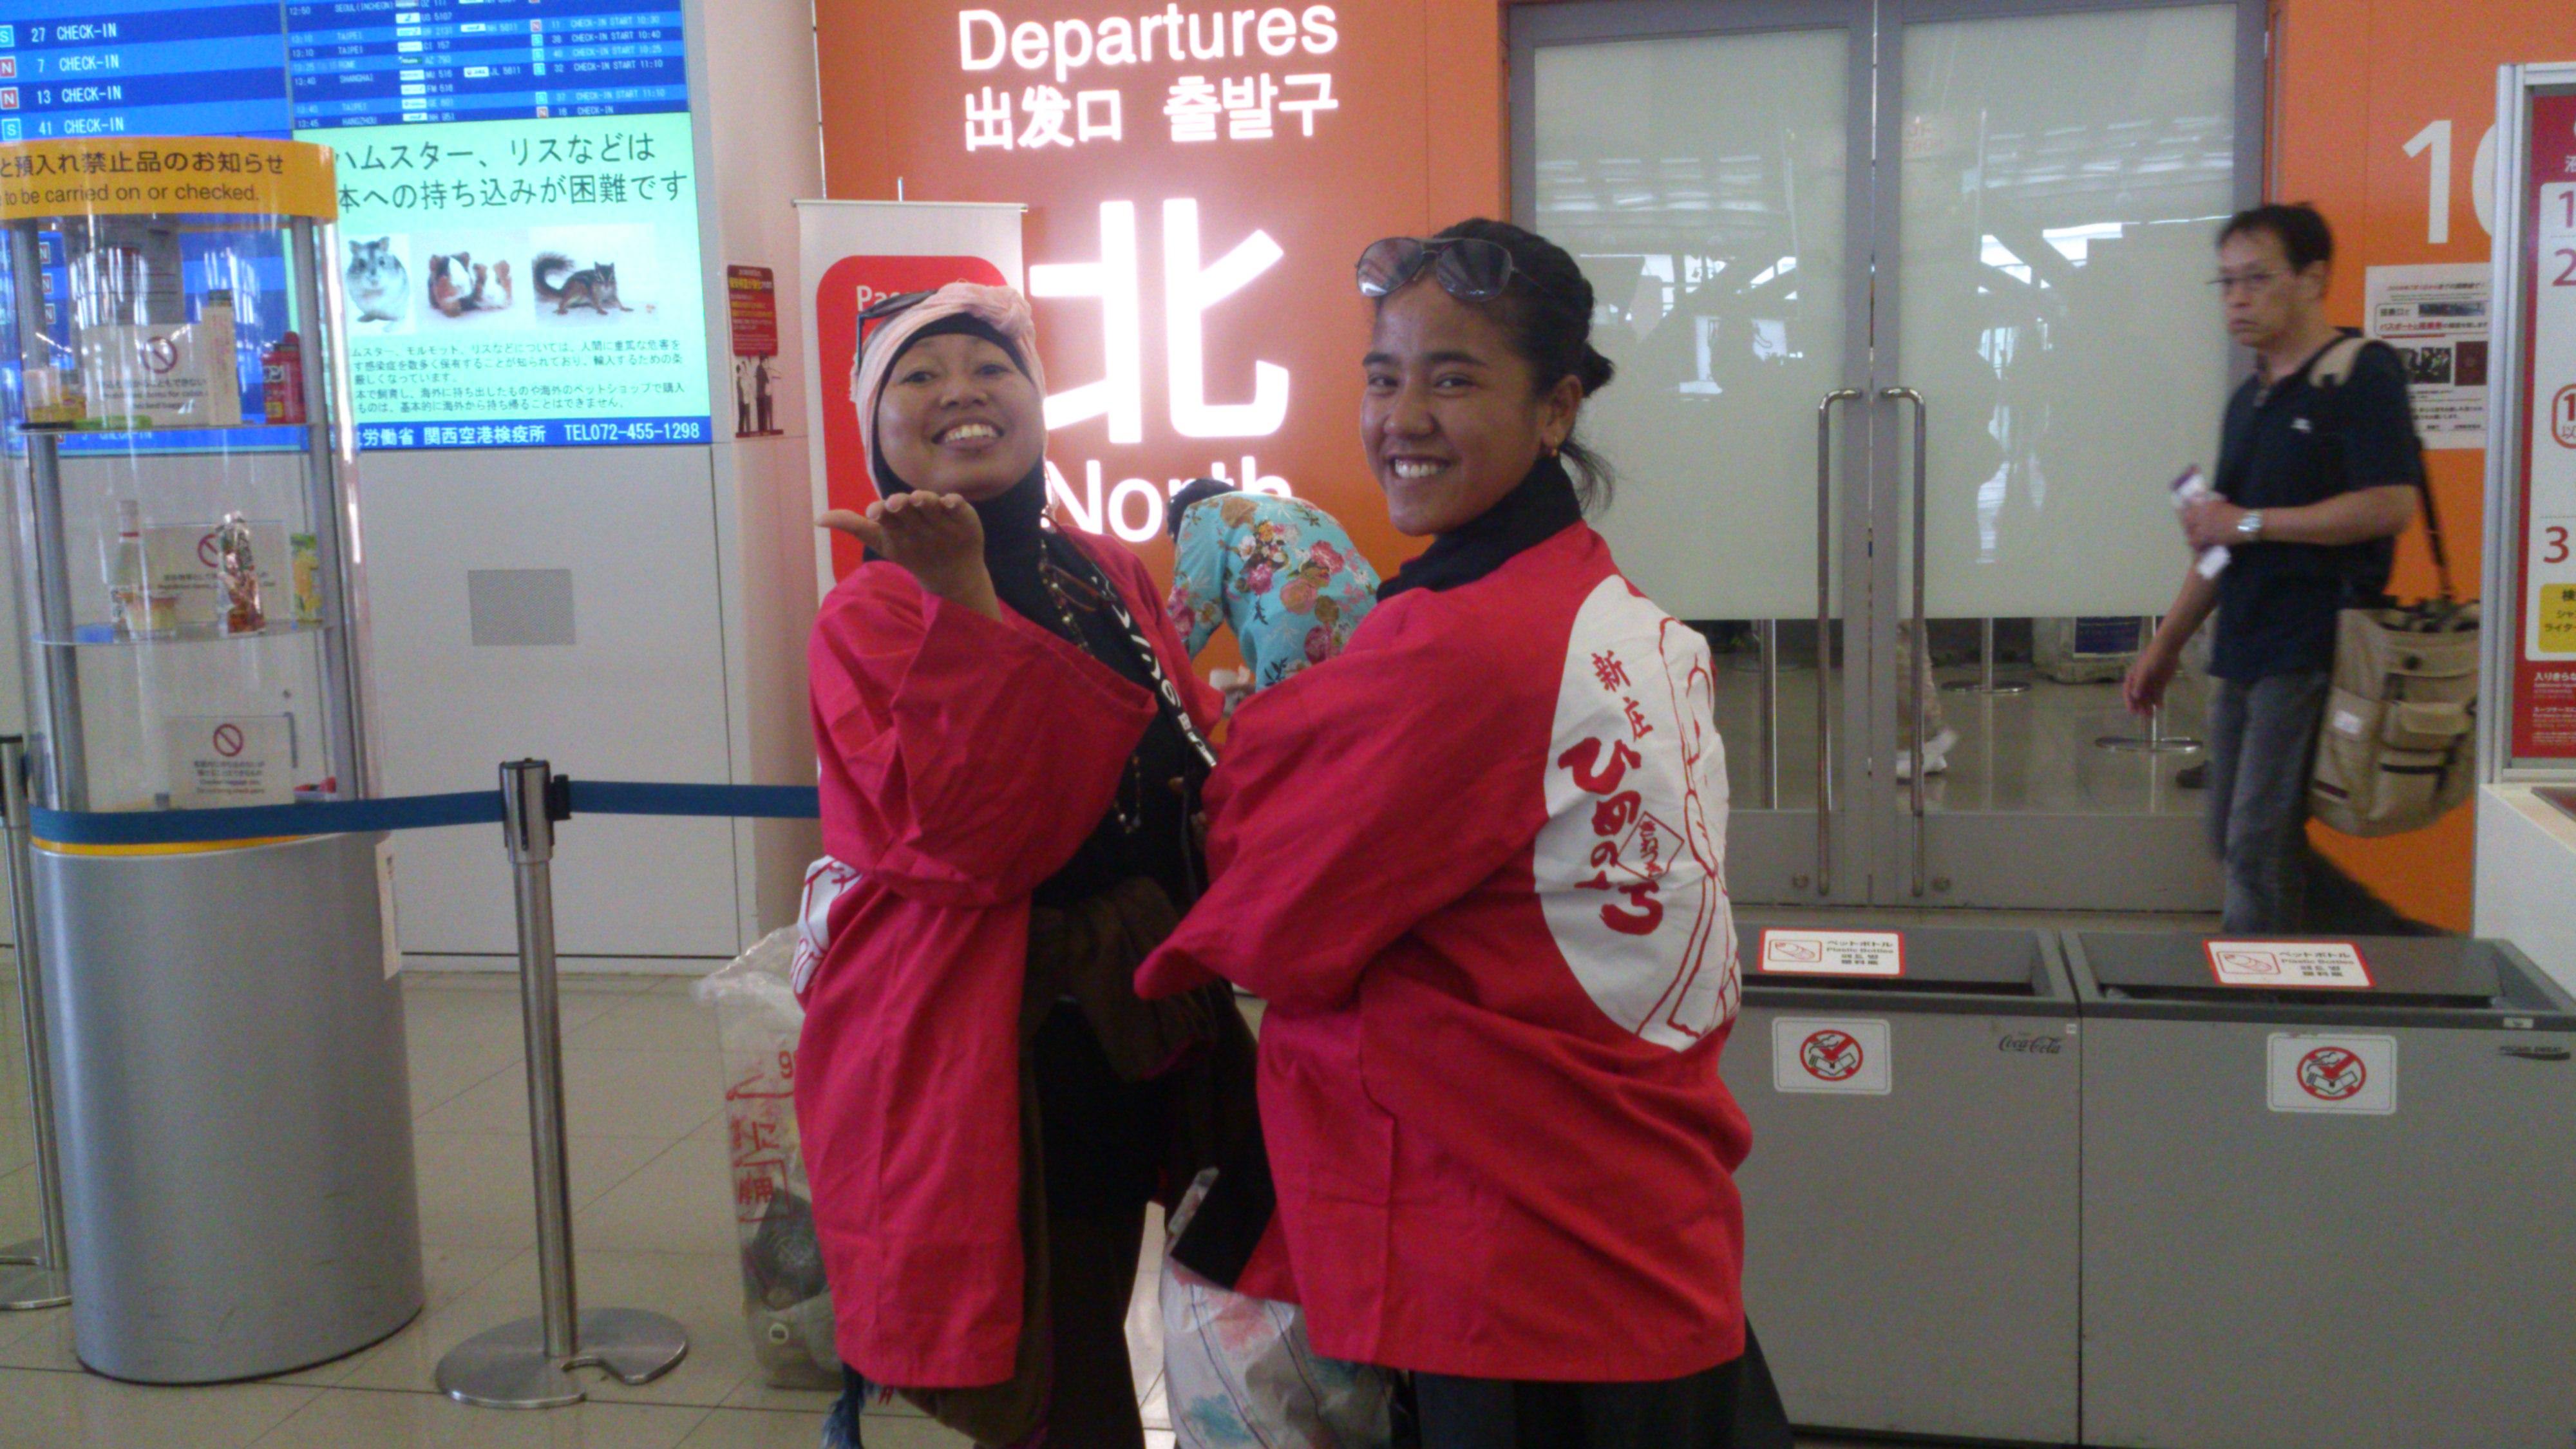 さよなら日本